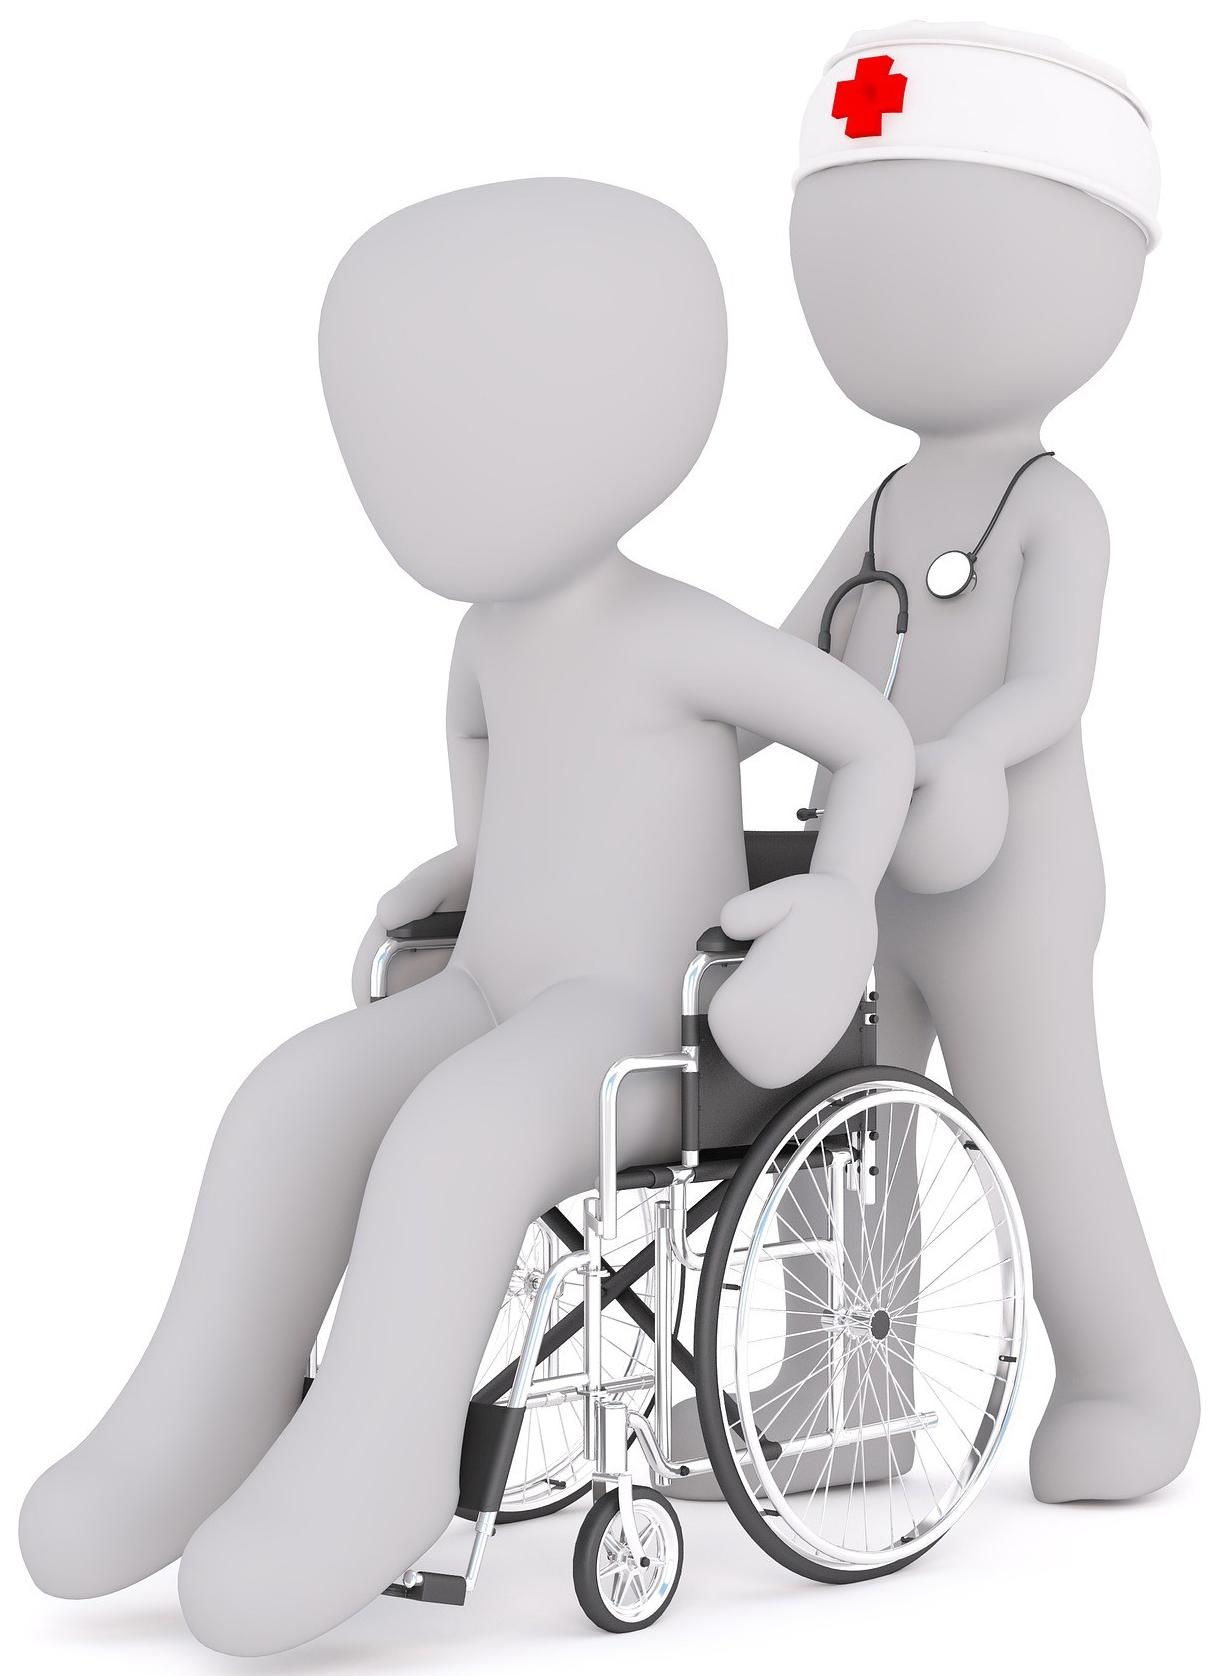 patient-care-1874747_1920